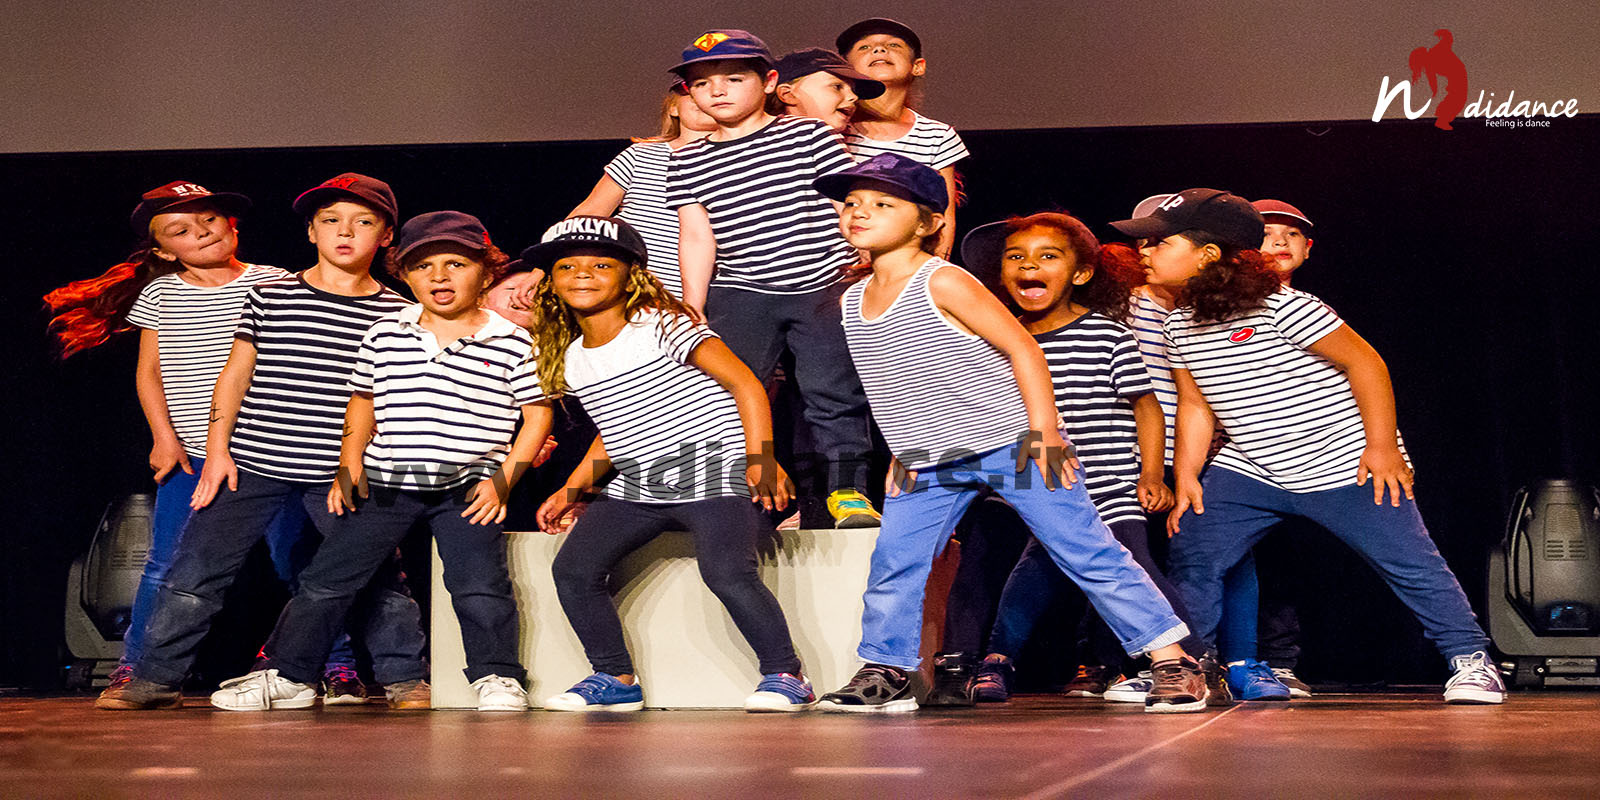 Présentation école de dance - N'DIDance